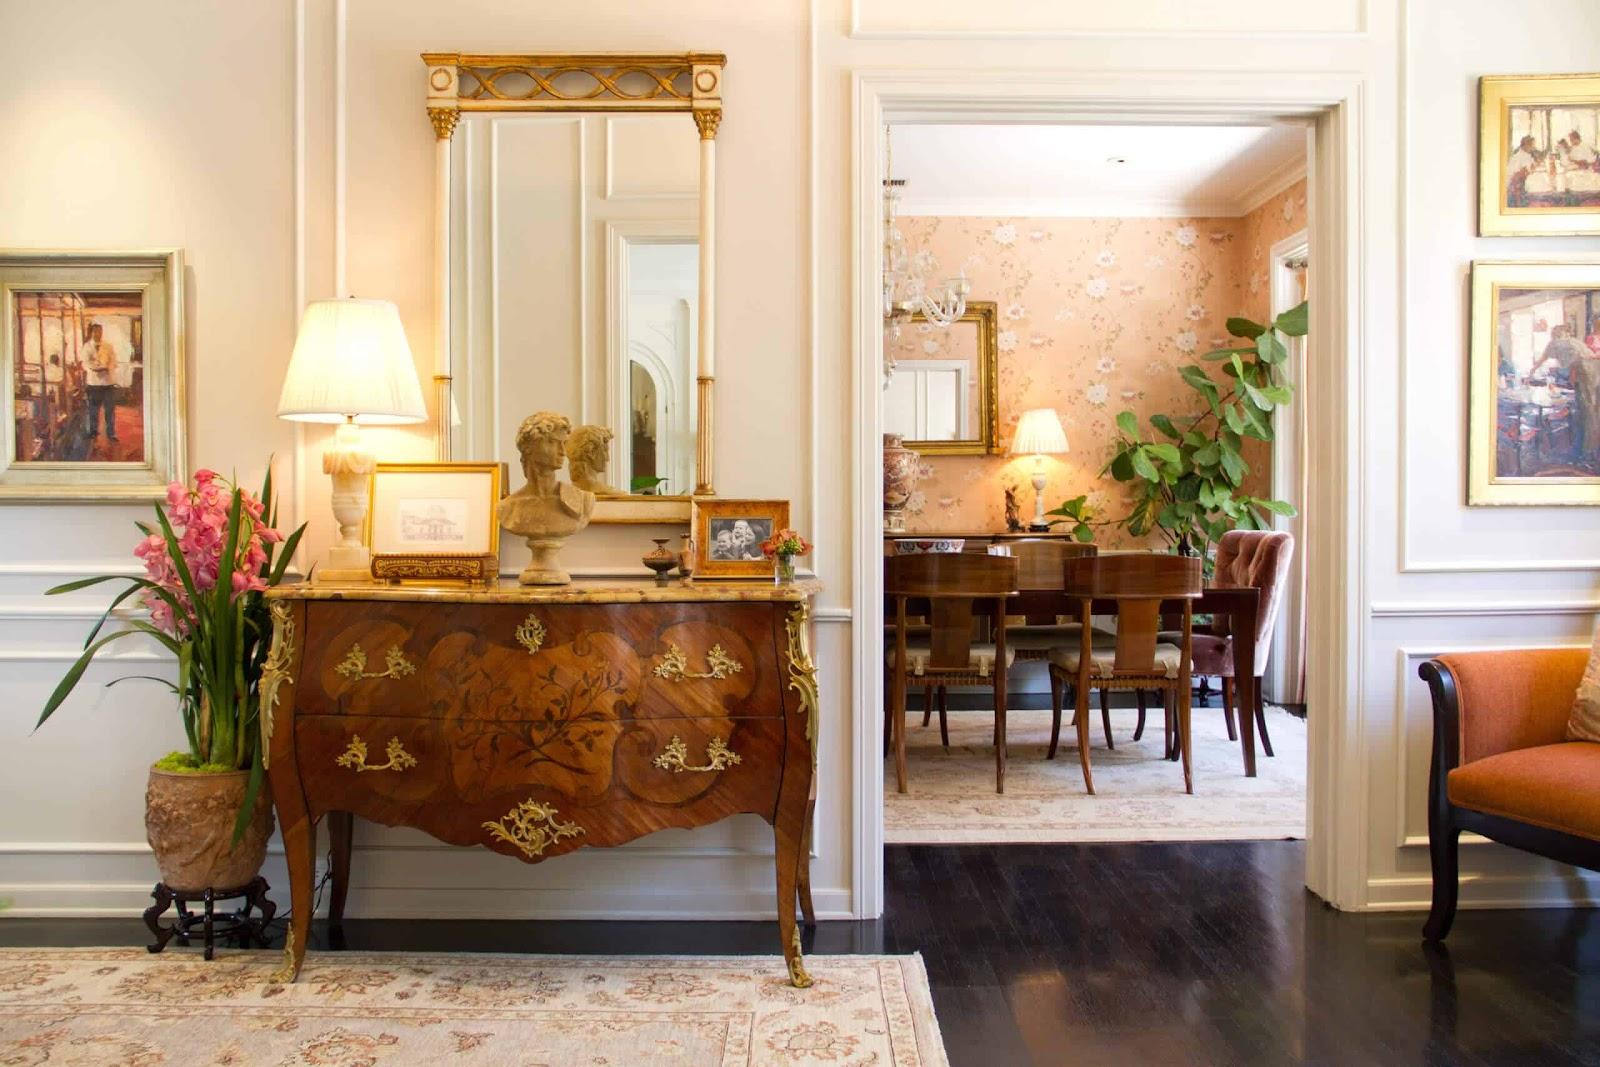 Furnitur antik dalam hunian bergaya vintage - source: nonagon.style